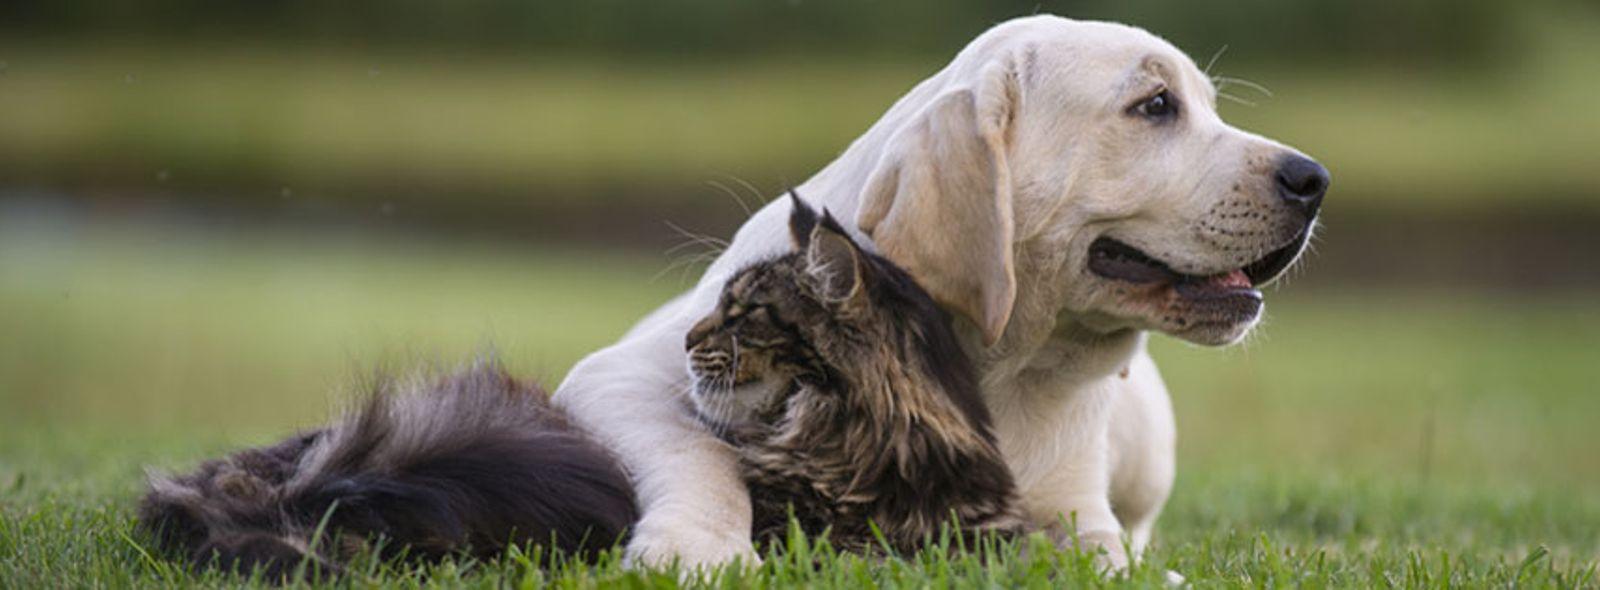 Come adottare cani e gatti abbandonati